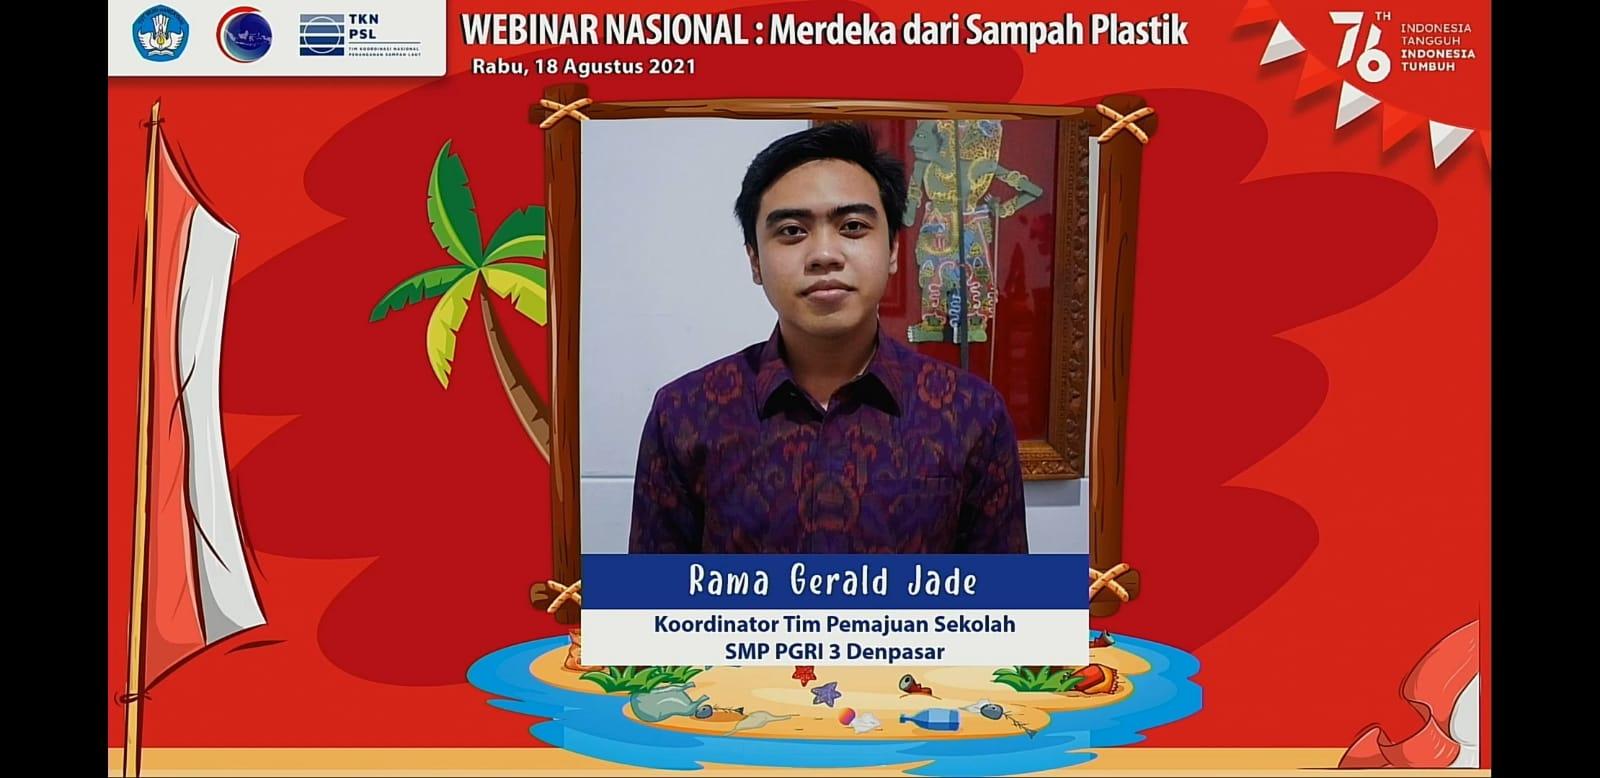 KOORDINATOR tim pemajuan SMP PGRI 3 Denpasar, Rama Gerald Jade, saat menjadi narasumber webinar nasional yang diselenggarakan Tim Kerja Nasional Pengurangan Sampah Laut Kementerian Koordinator Kemaritiman dan Investasi Republik Indonesia, Rabu (18/8/2021). Foto: ist